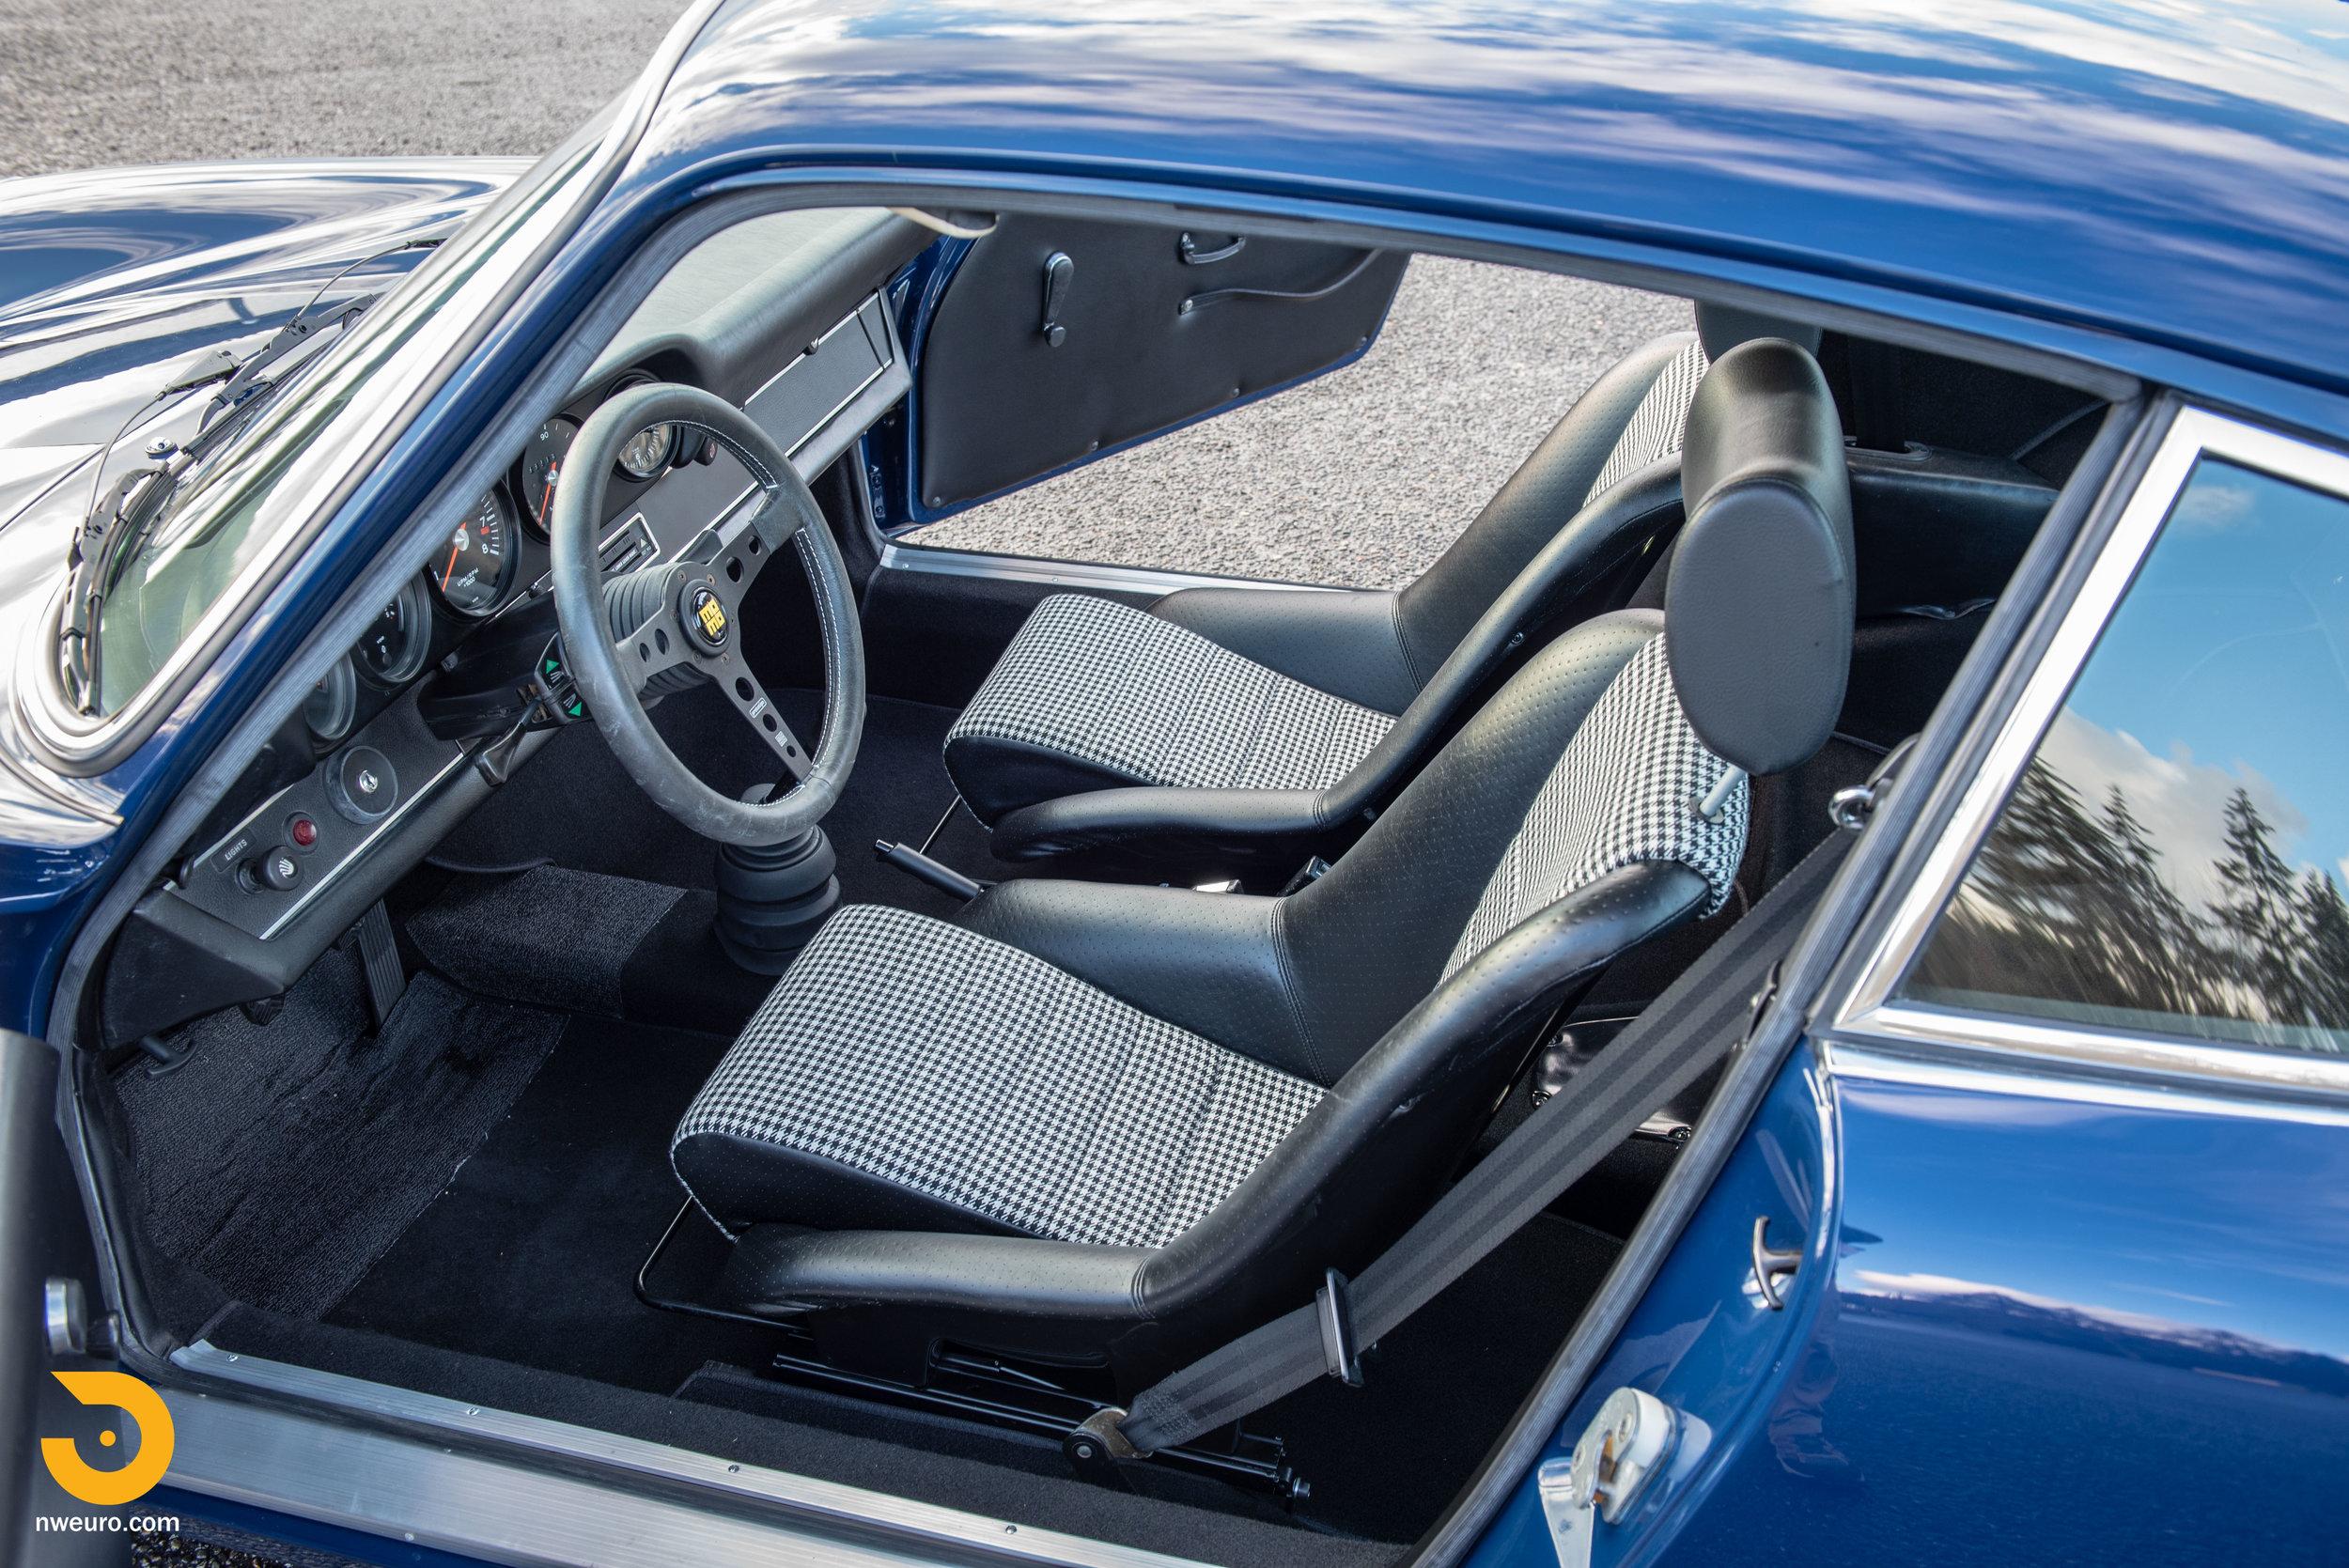 1973 Porsche 911T Hot Rod Albert Blue-128.jpg